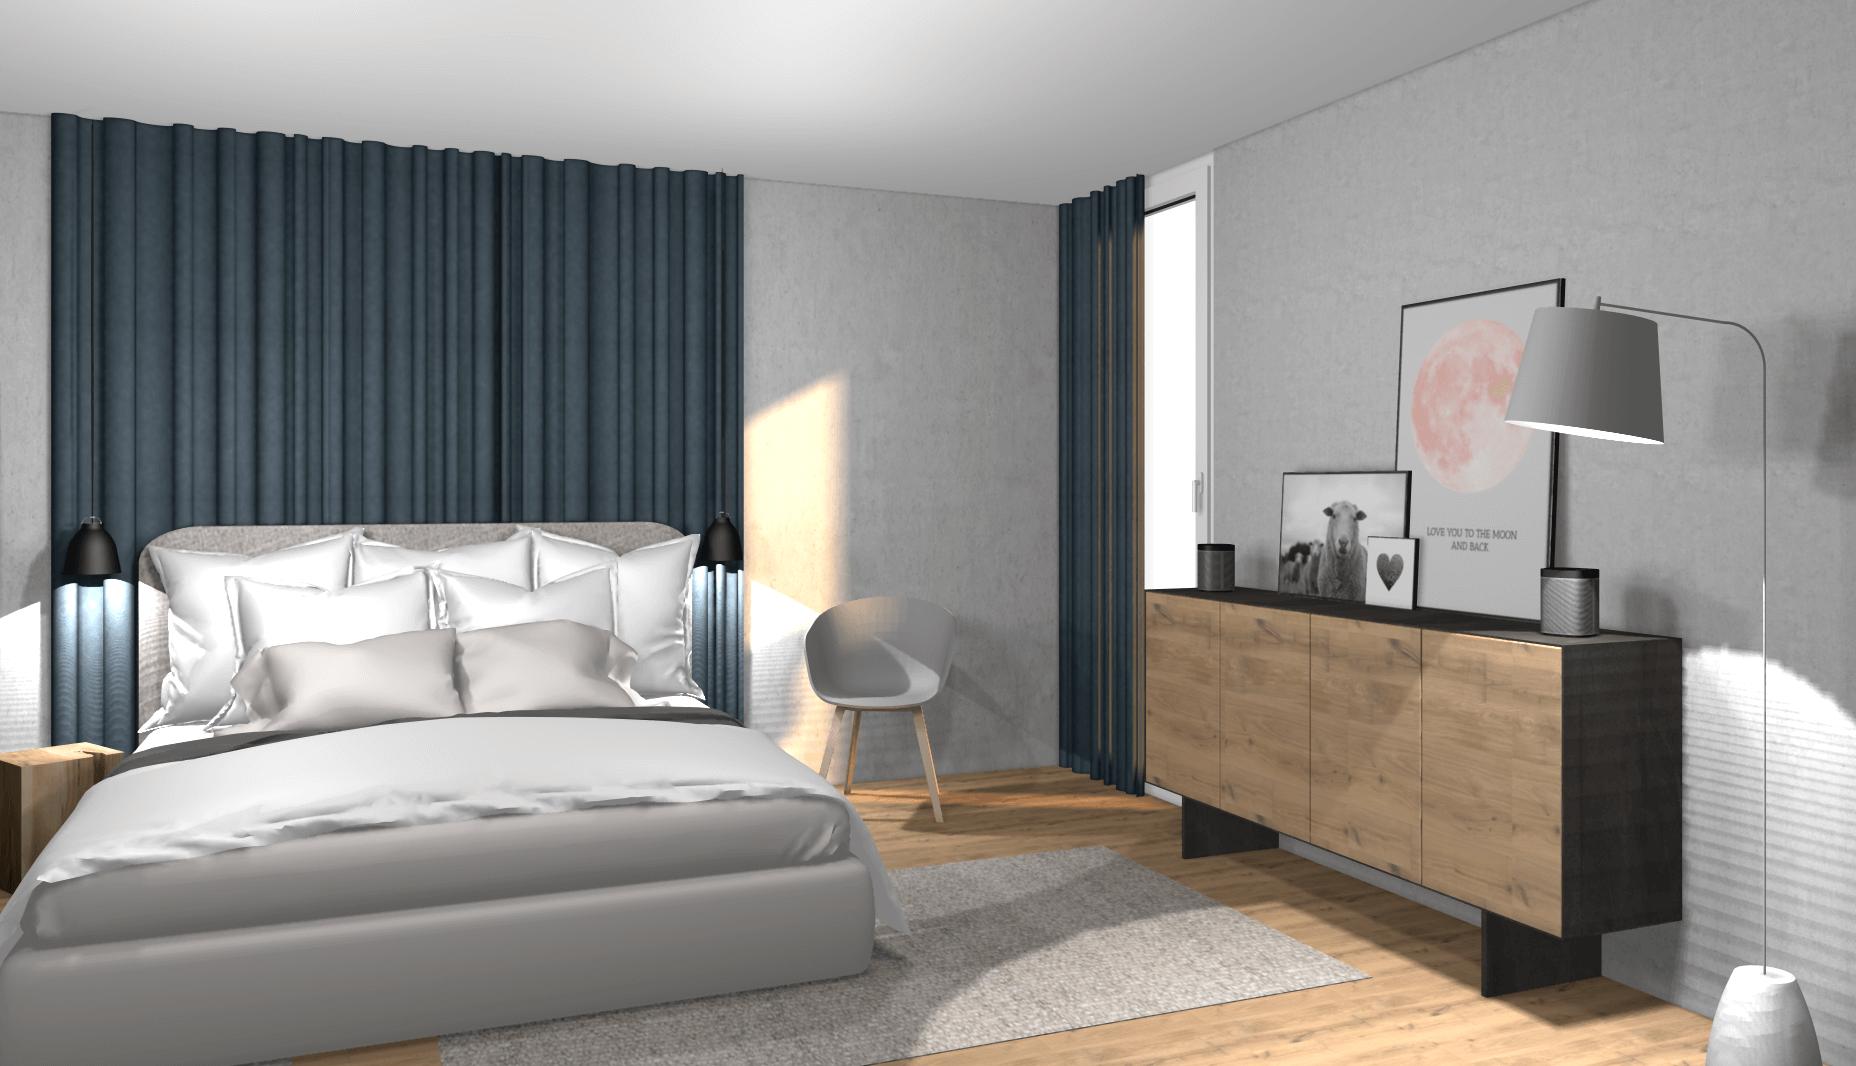 Schlafzimmer Konzept mit Einkaufsliste wohnly